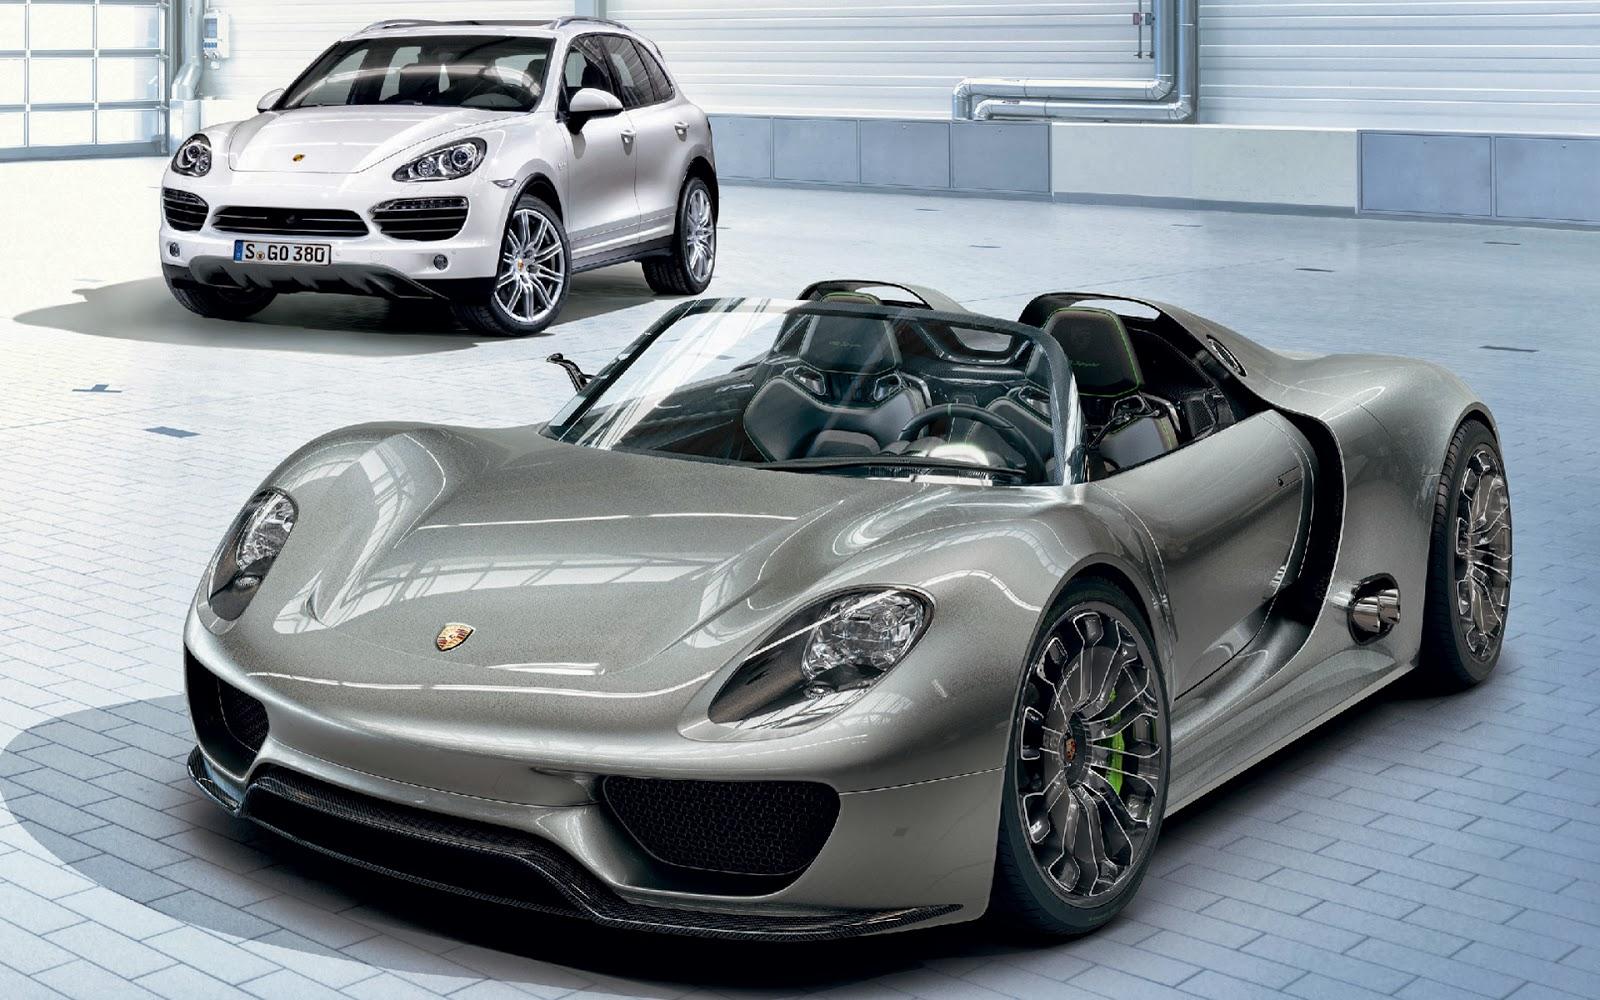 Porsche 918 Spyder Celebrates Its World Debut